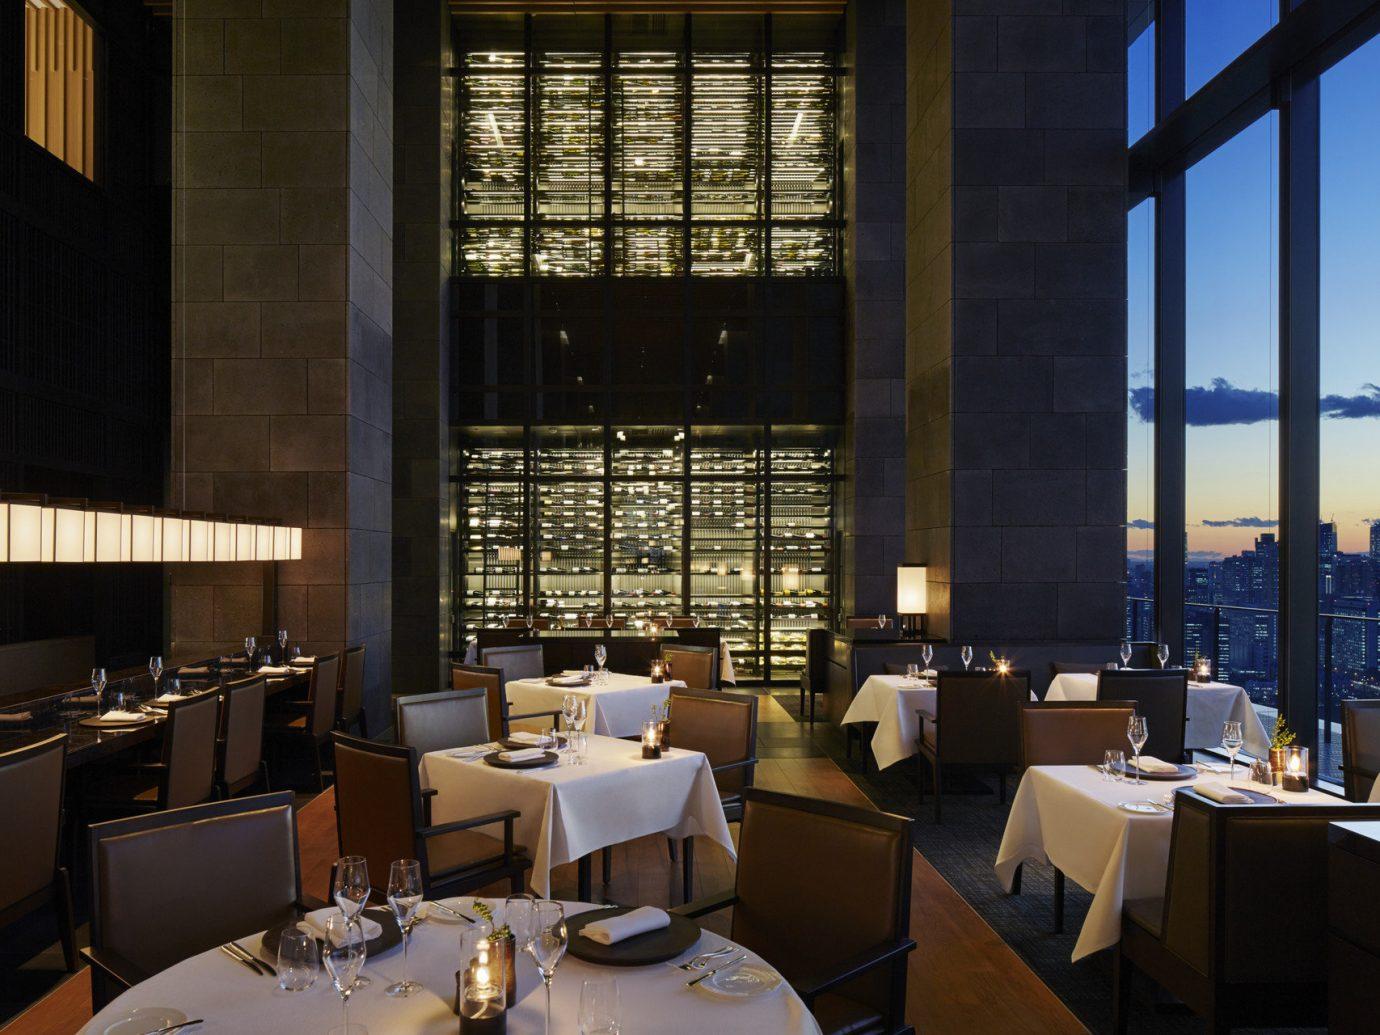 Food + Drink window indoor restaurant interior design Design window covering overlooking